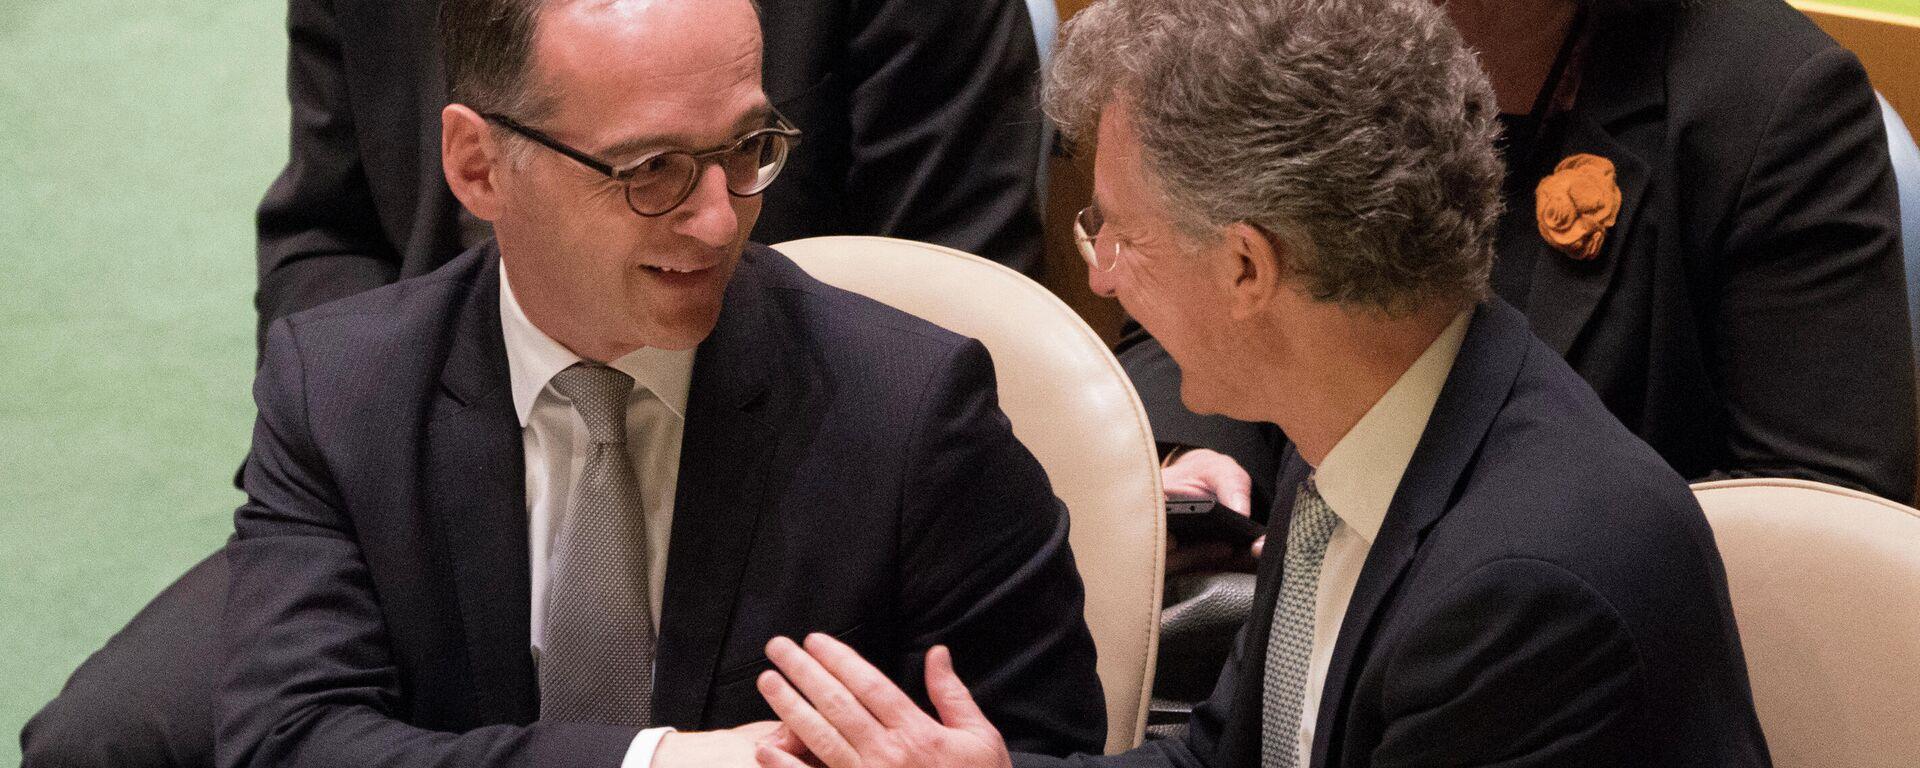 Heiko Maas, Bundesminister für auswärtige Angelegenheiten Deutschlands, und Christoph Heusgen, deutscher UN-Botschafter, geben sich nach der Abstimmung während einer Generalversammlung die Hand, auf der die fünf nicht ständigen Mitglieder des Sicherheitsrates am 8. Juni gewählt werden. - SNA, 1920, 17.12.2020